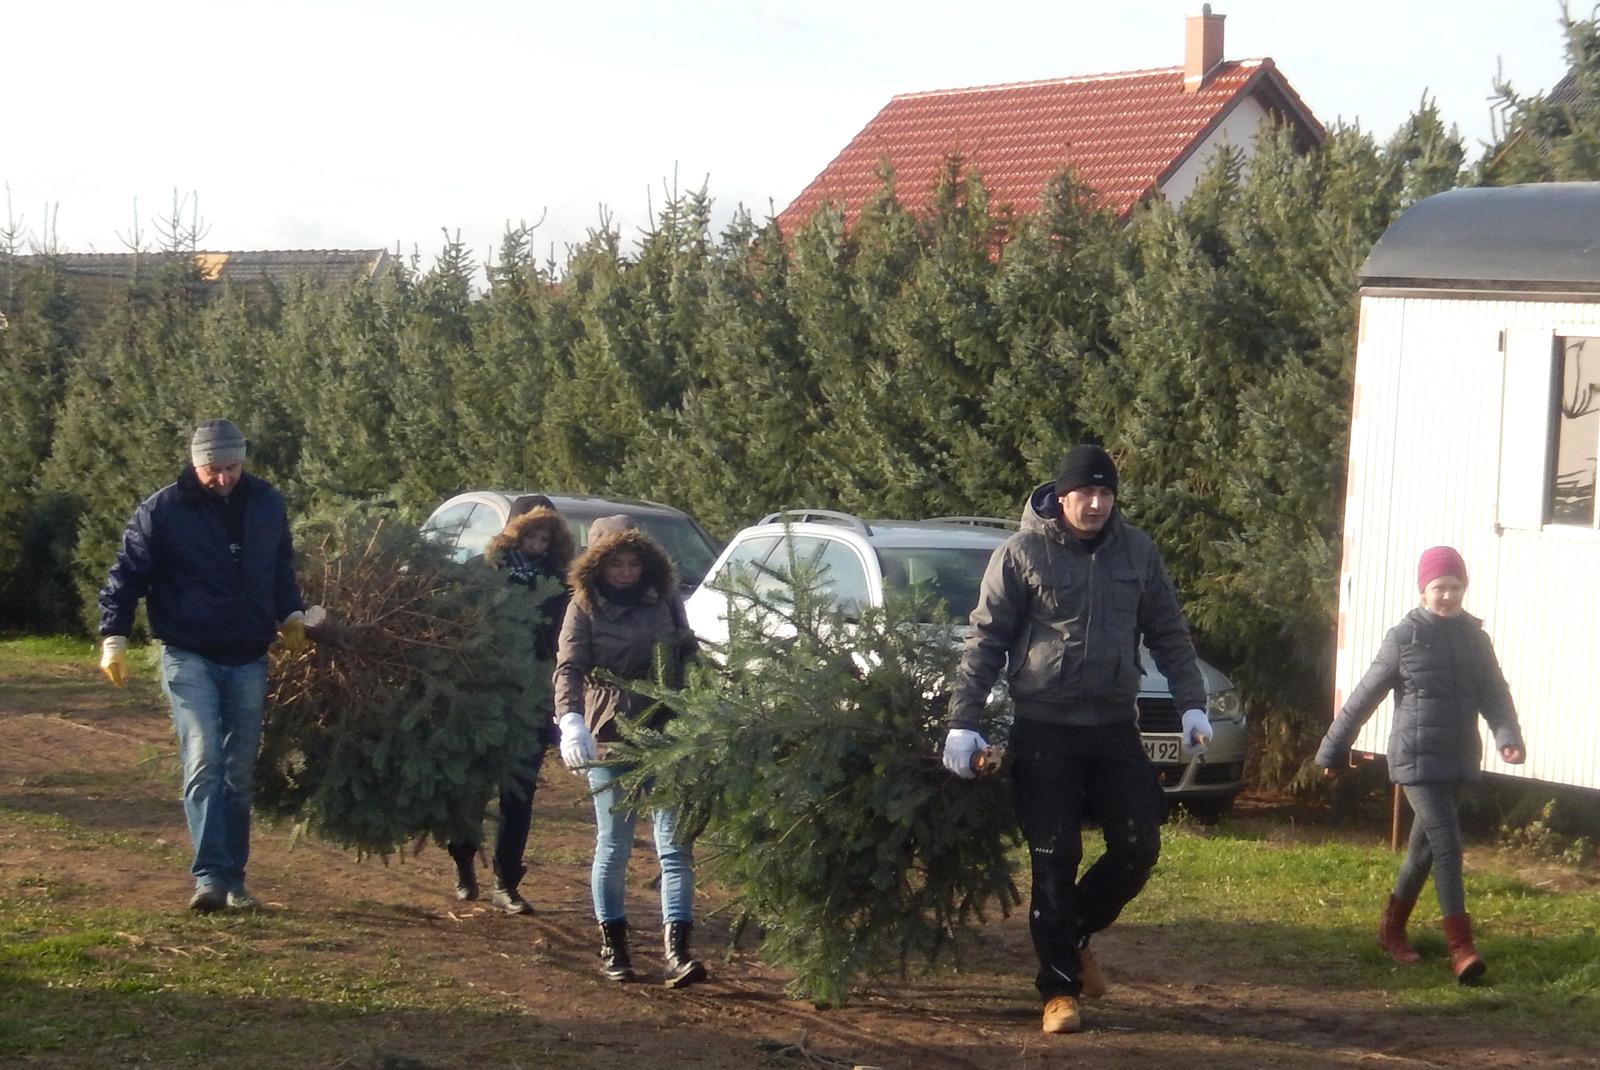 best 28 weihnachtsbaum selber schlagen leipzig weihnachtsbaum plantage selber schlagen. Black Bedroom Furniture Sets. Home Design Ideas